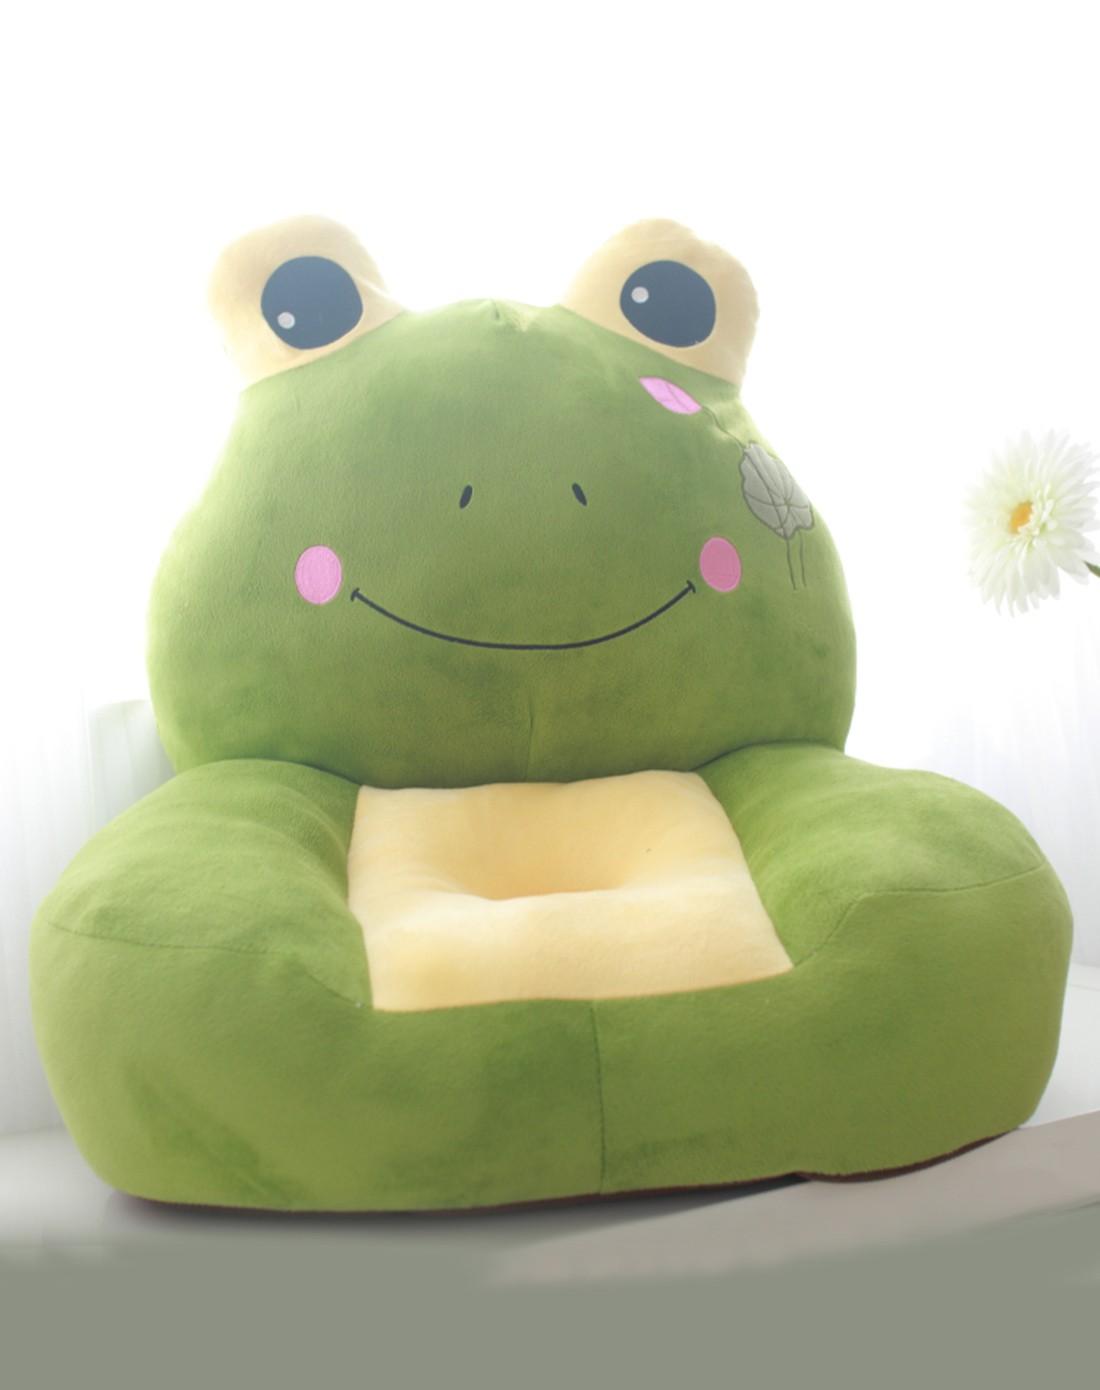 毛绒玩具大结集专场卡通绿色青蛙动物沙发mtw2003890